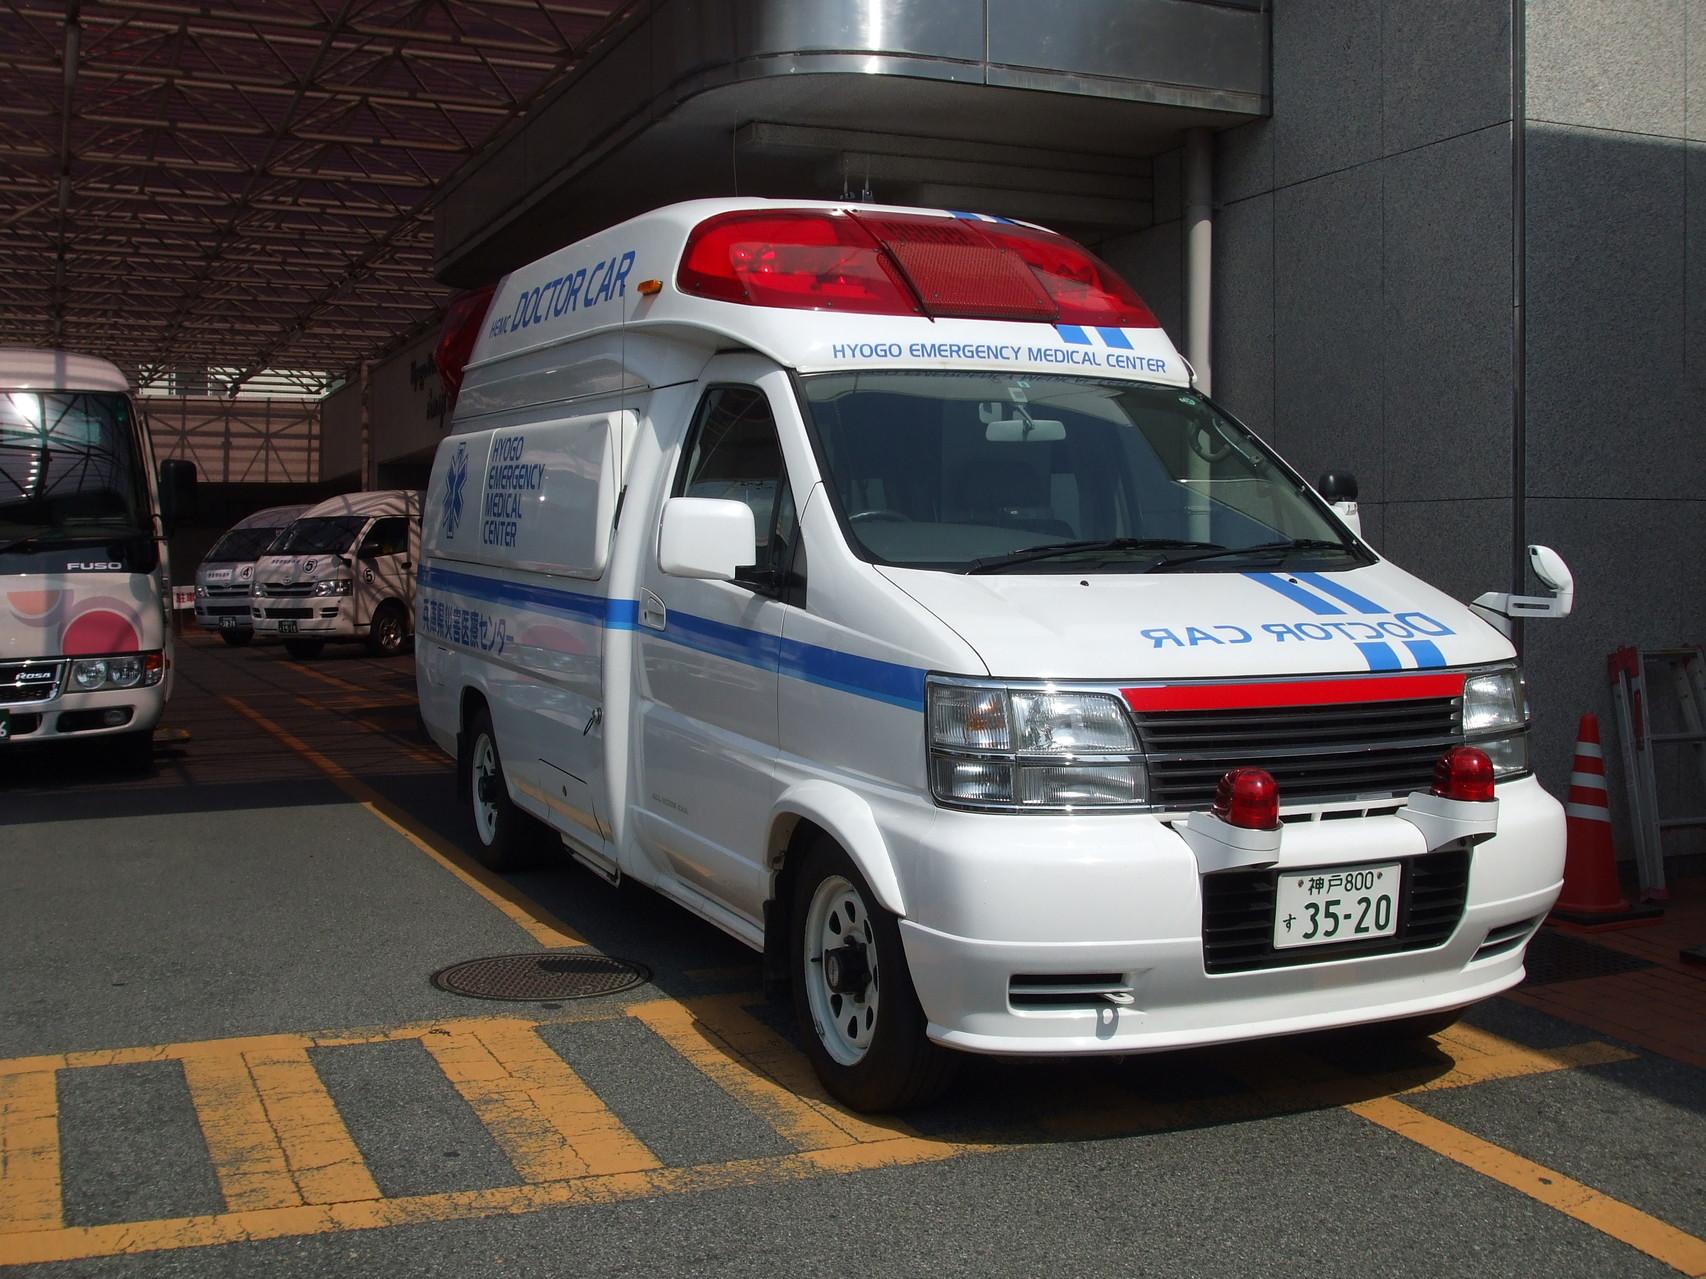 想定外の緊急事態を想定して災害医療センターの救急車が待機中